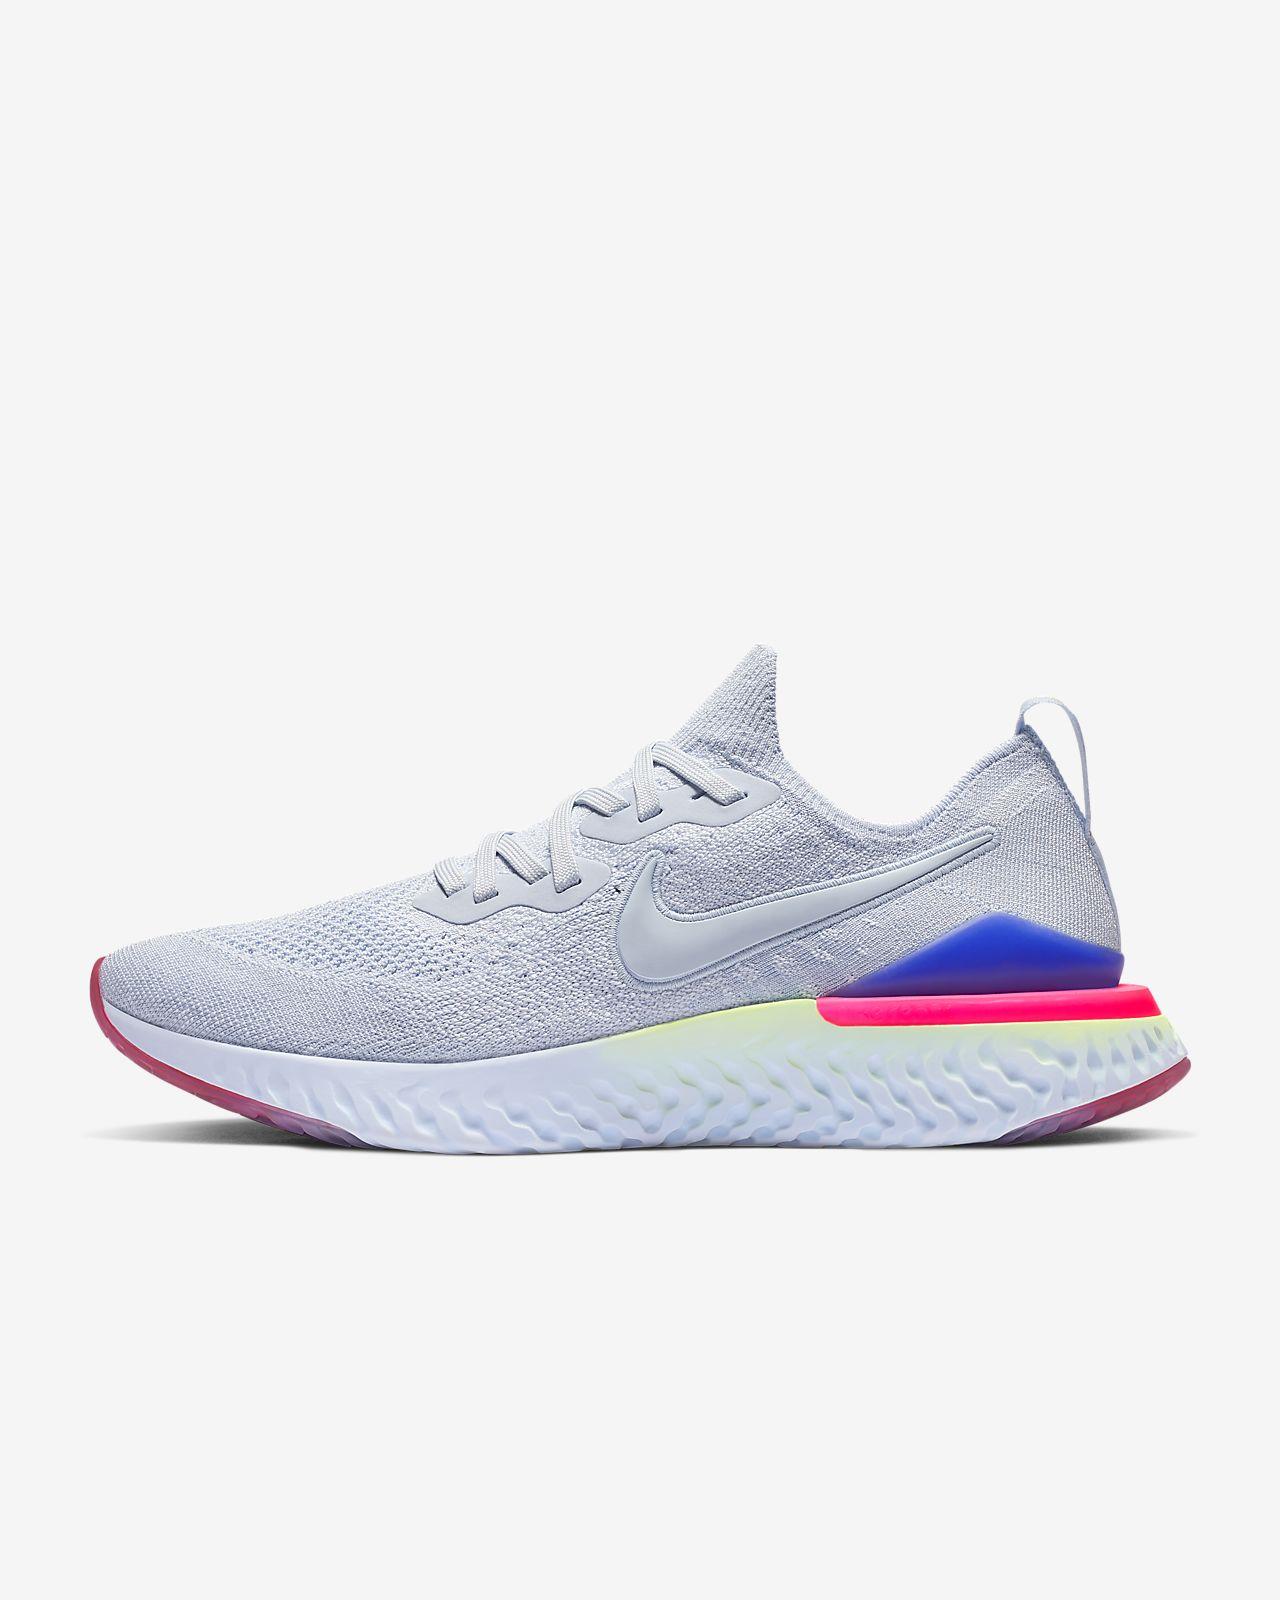 bcf9f92f44 Nike Epic React Flyknit 2 Women's Running Shoe. Nike.com NL